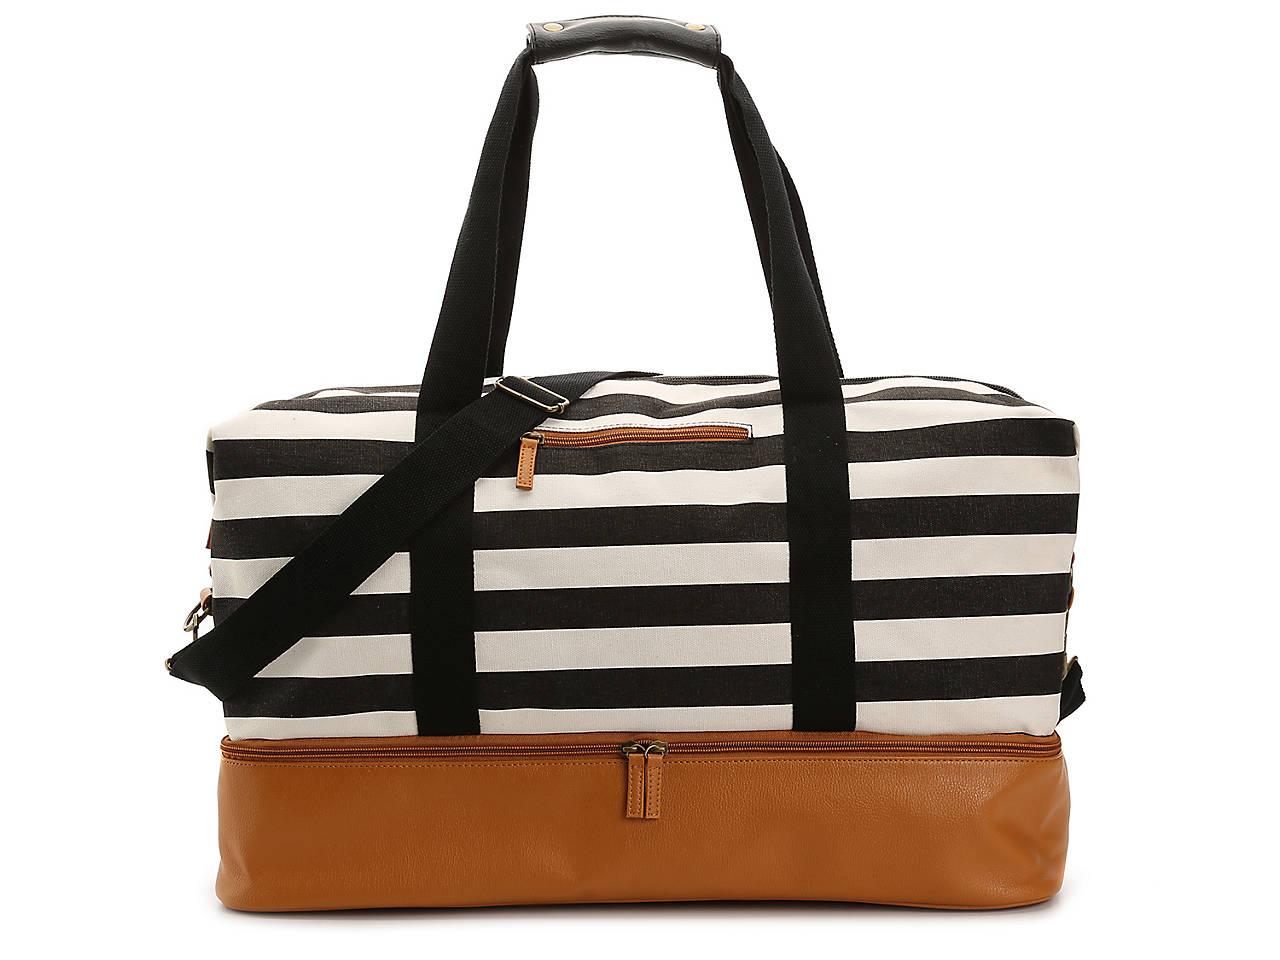 a32d777563 DSW Exclusive Free Weekender Women's Handbags & Accessories | DSW